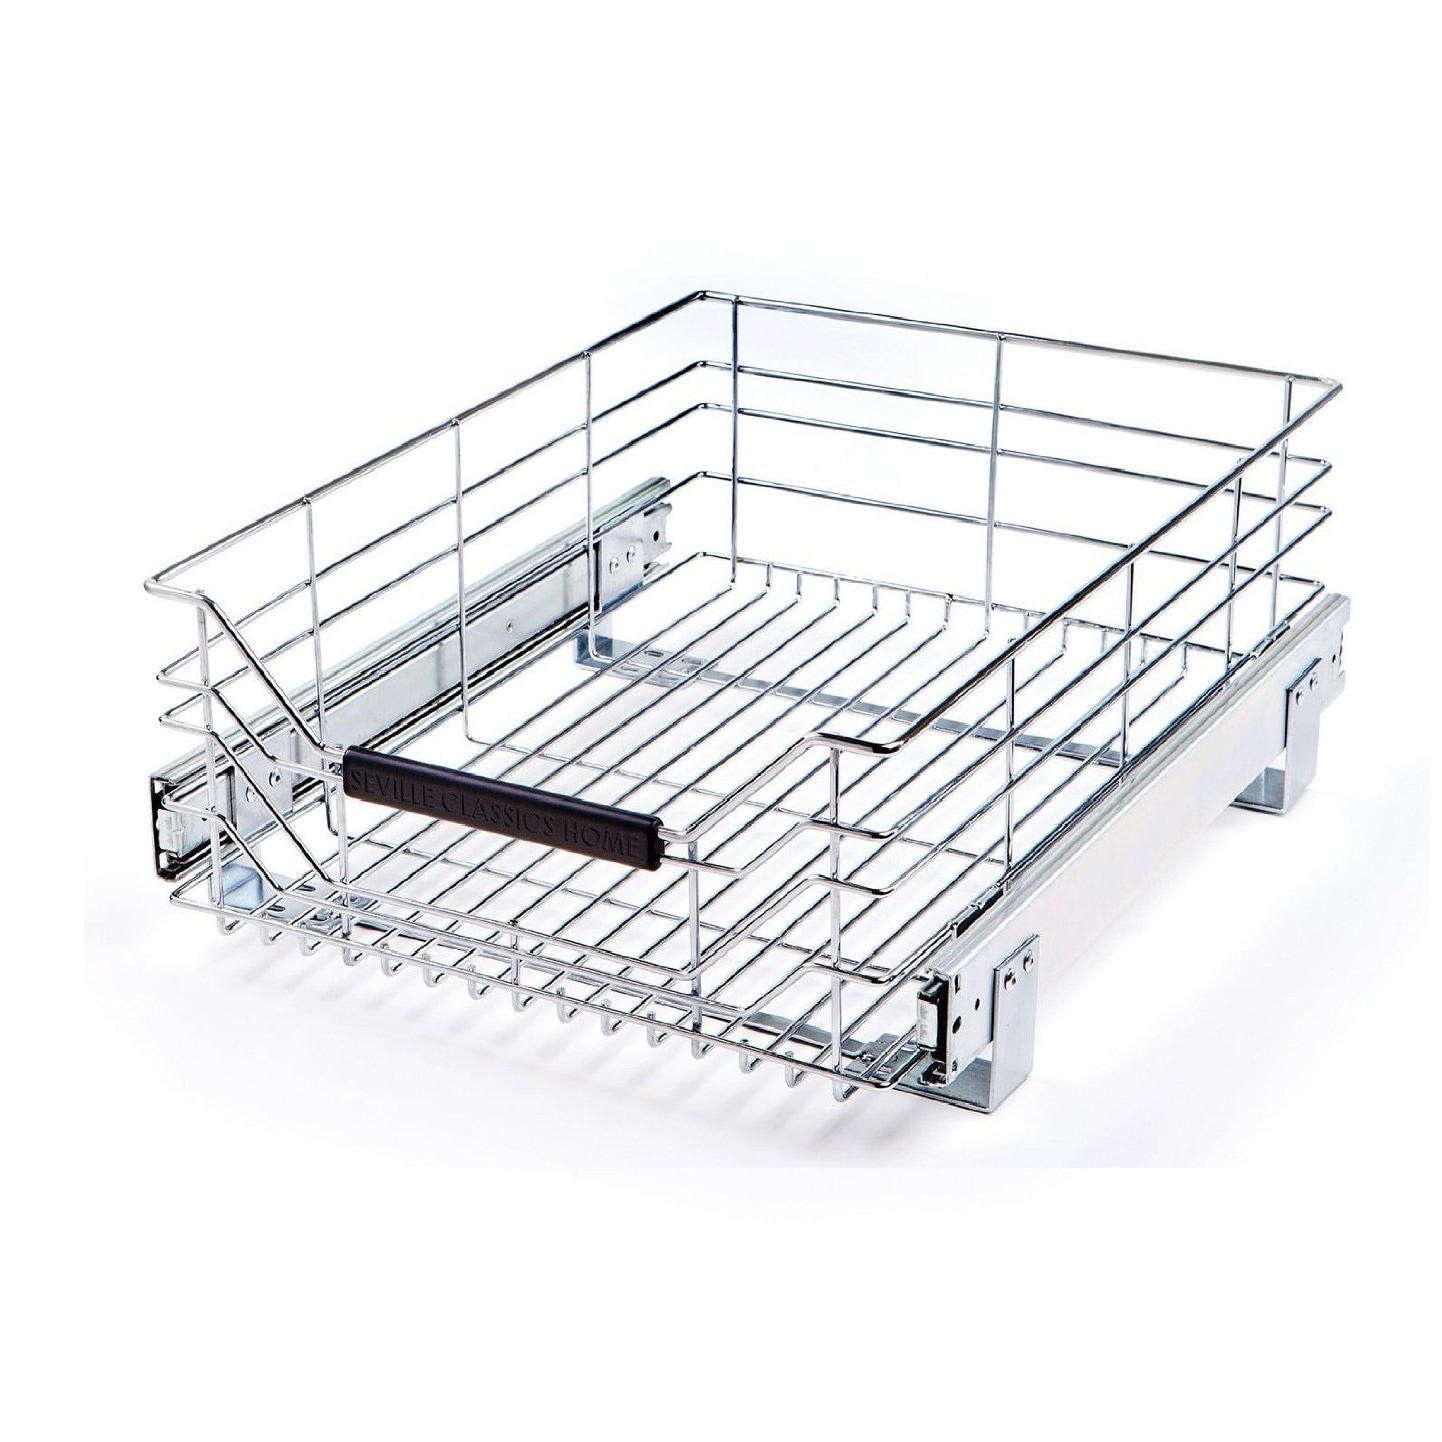 Buy Kitchen U0026 Pantry Storage Online At Overstock.com | Our Best Storage U0026  Organization Deals